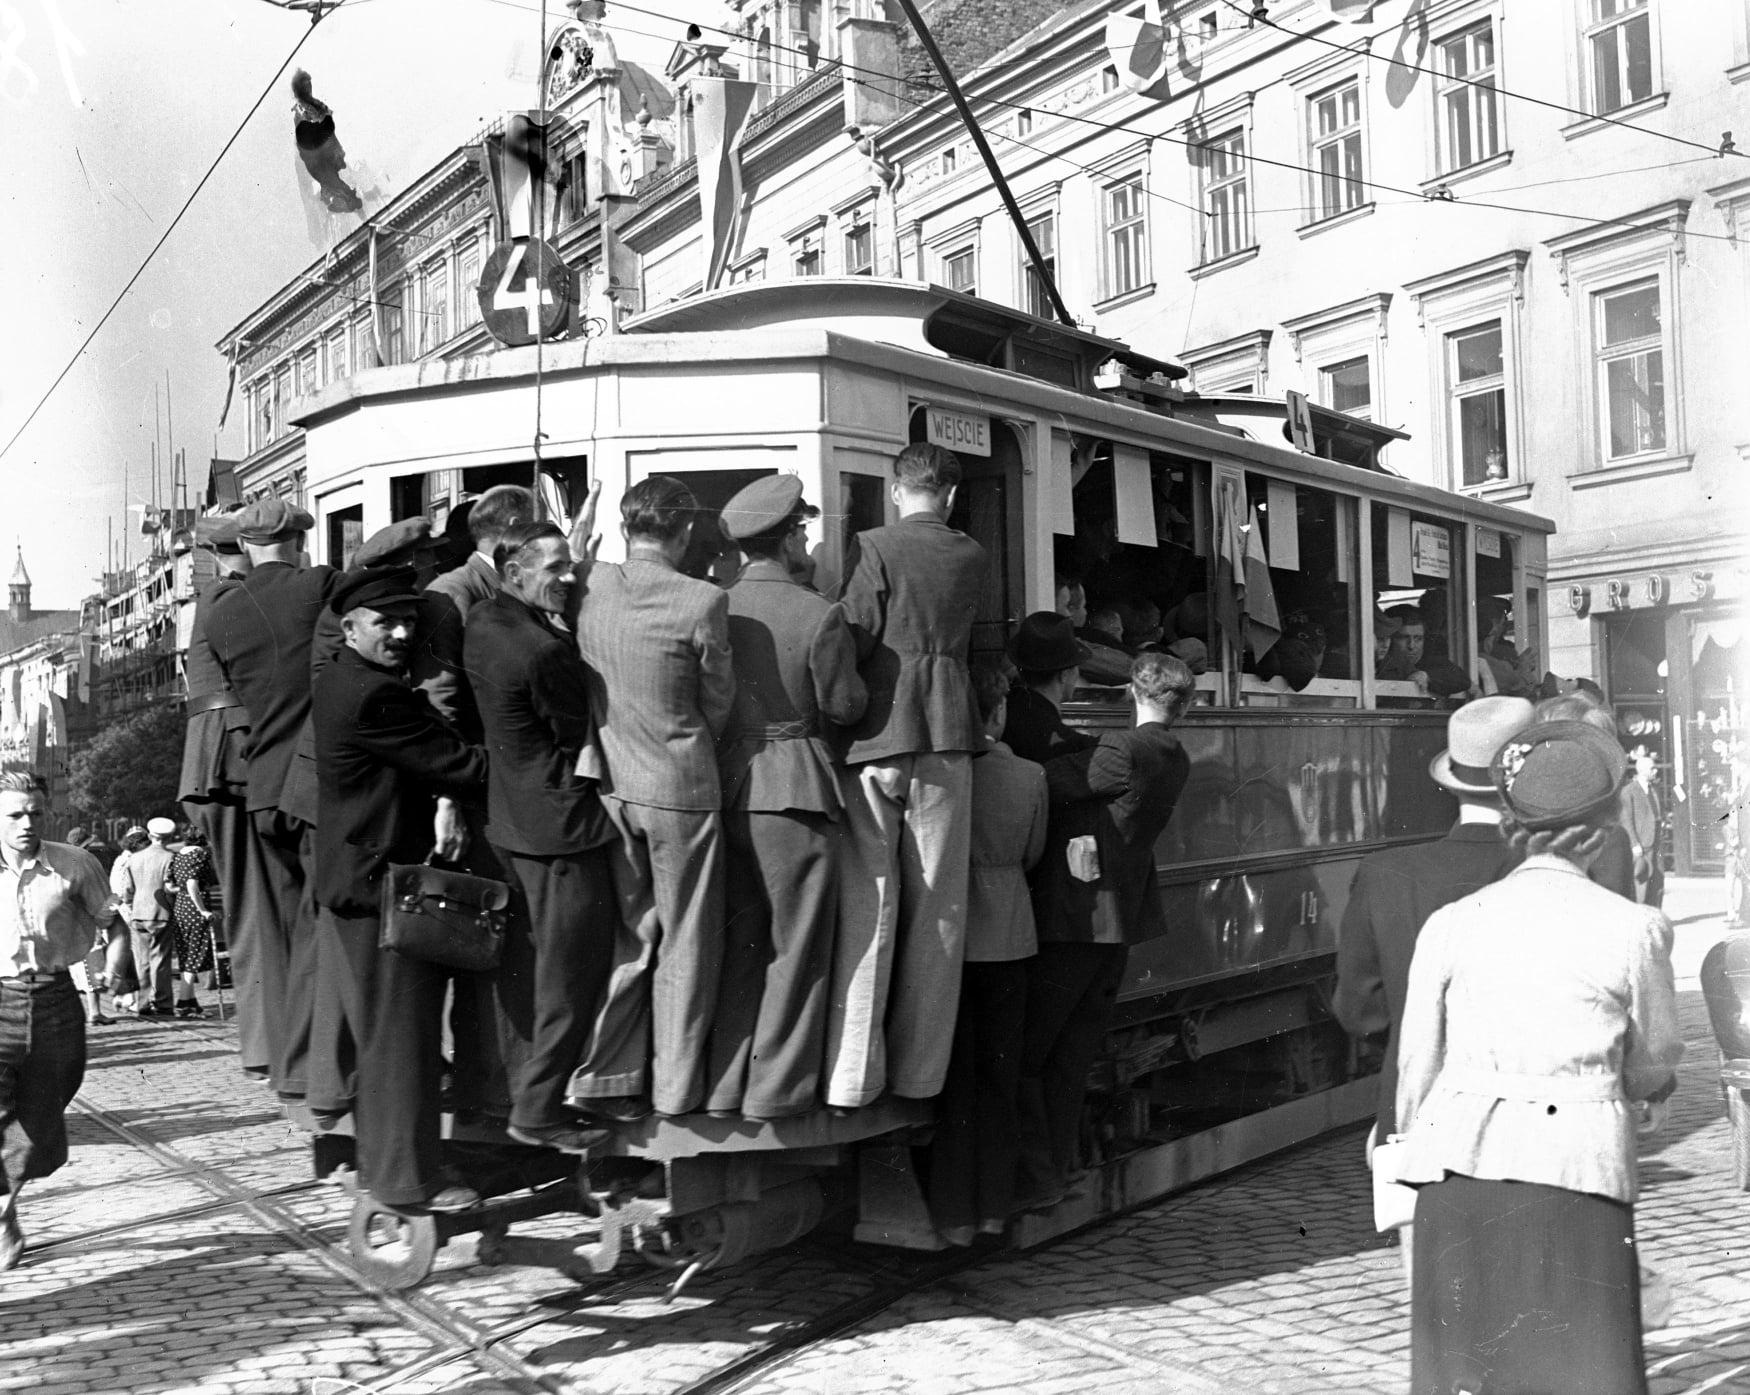 Krakowski tramwaj. Jazda na tzw. winogrono. Narodowe Archiwum Cyfrowe. Polska Kronika Filmowa.